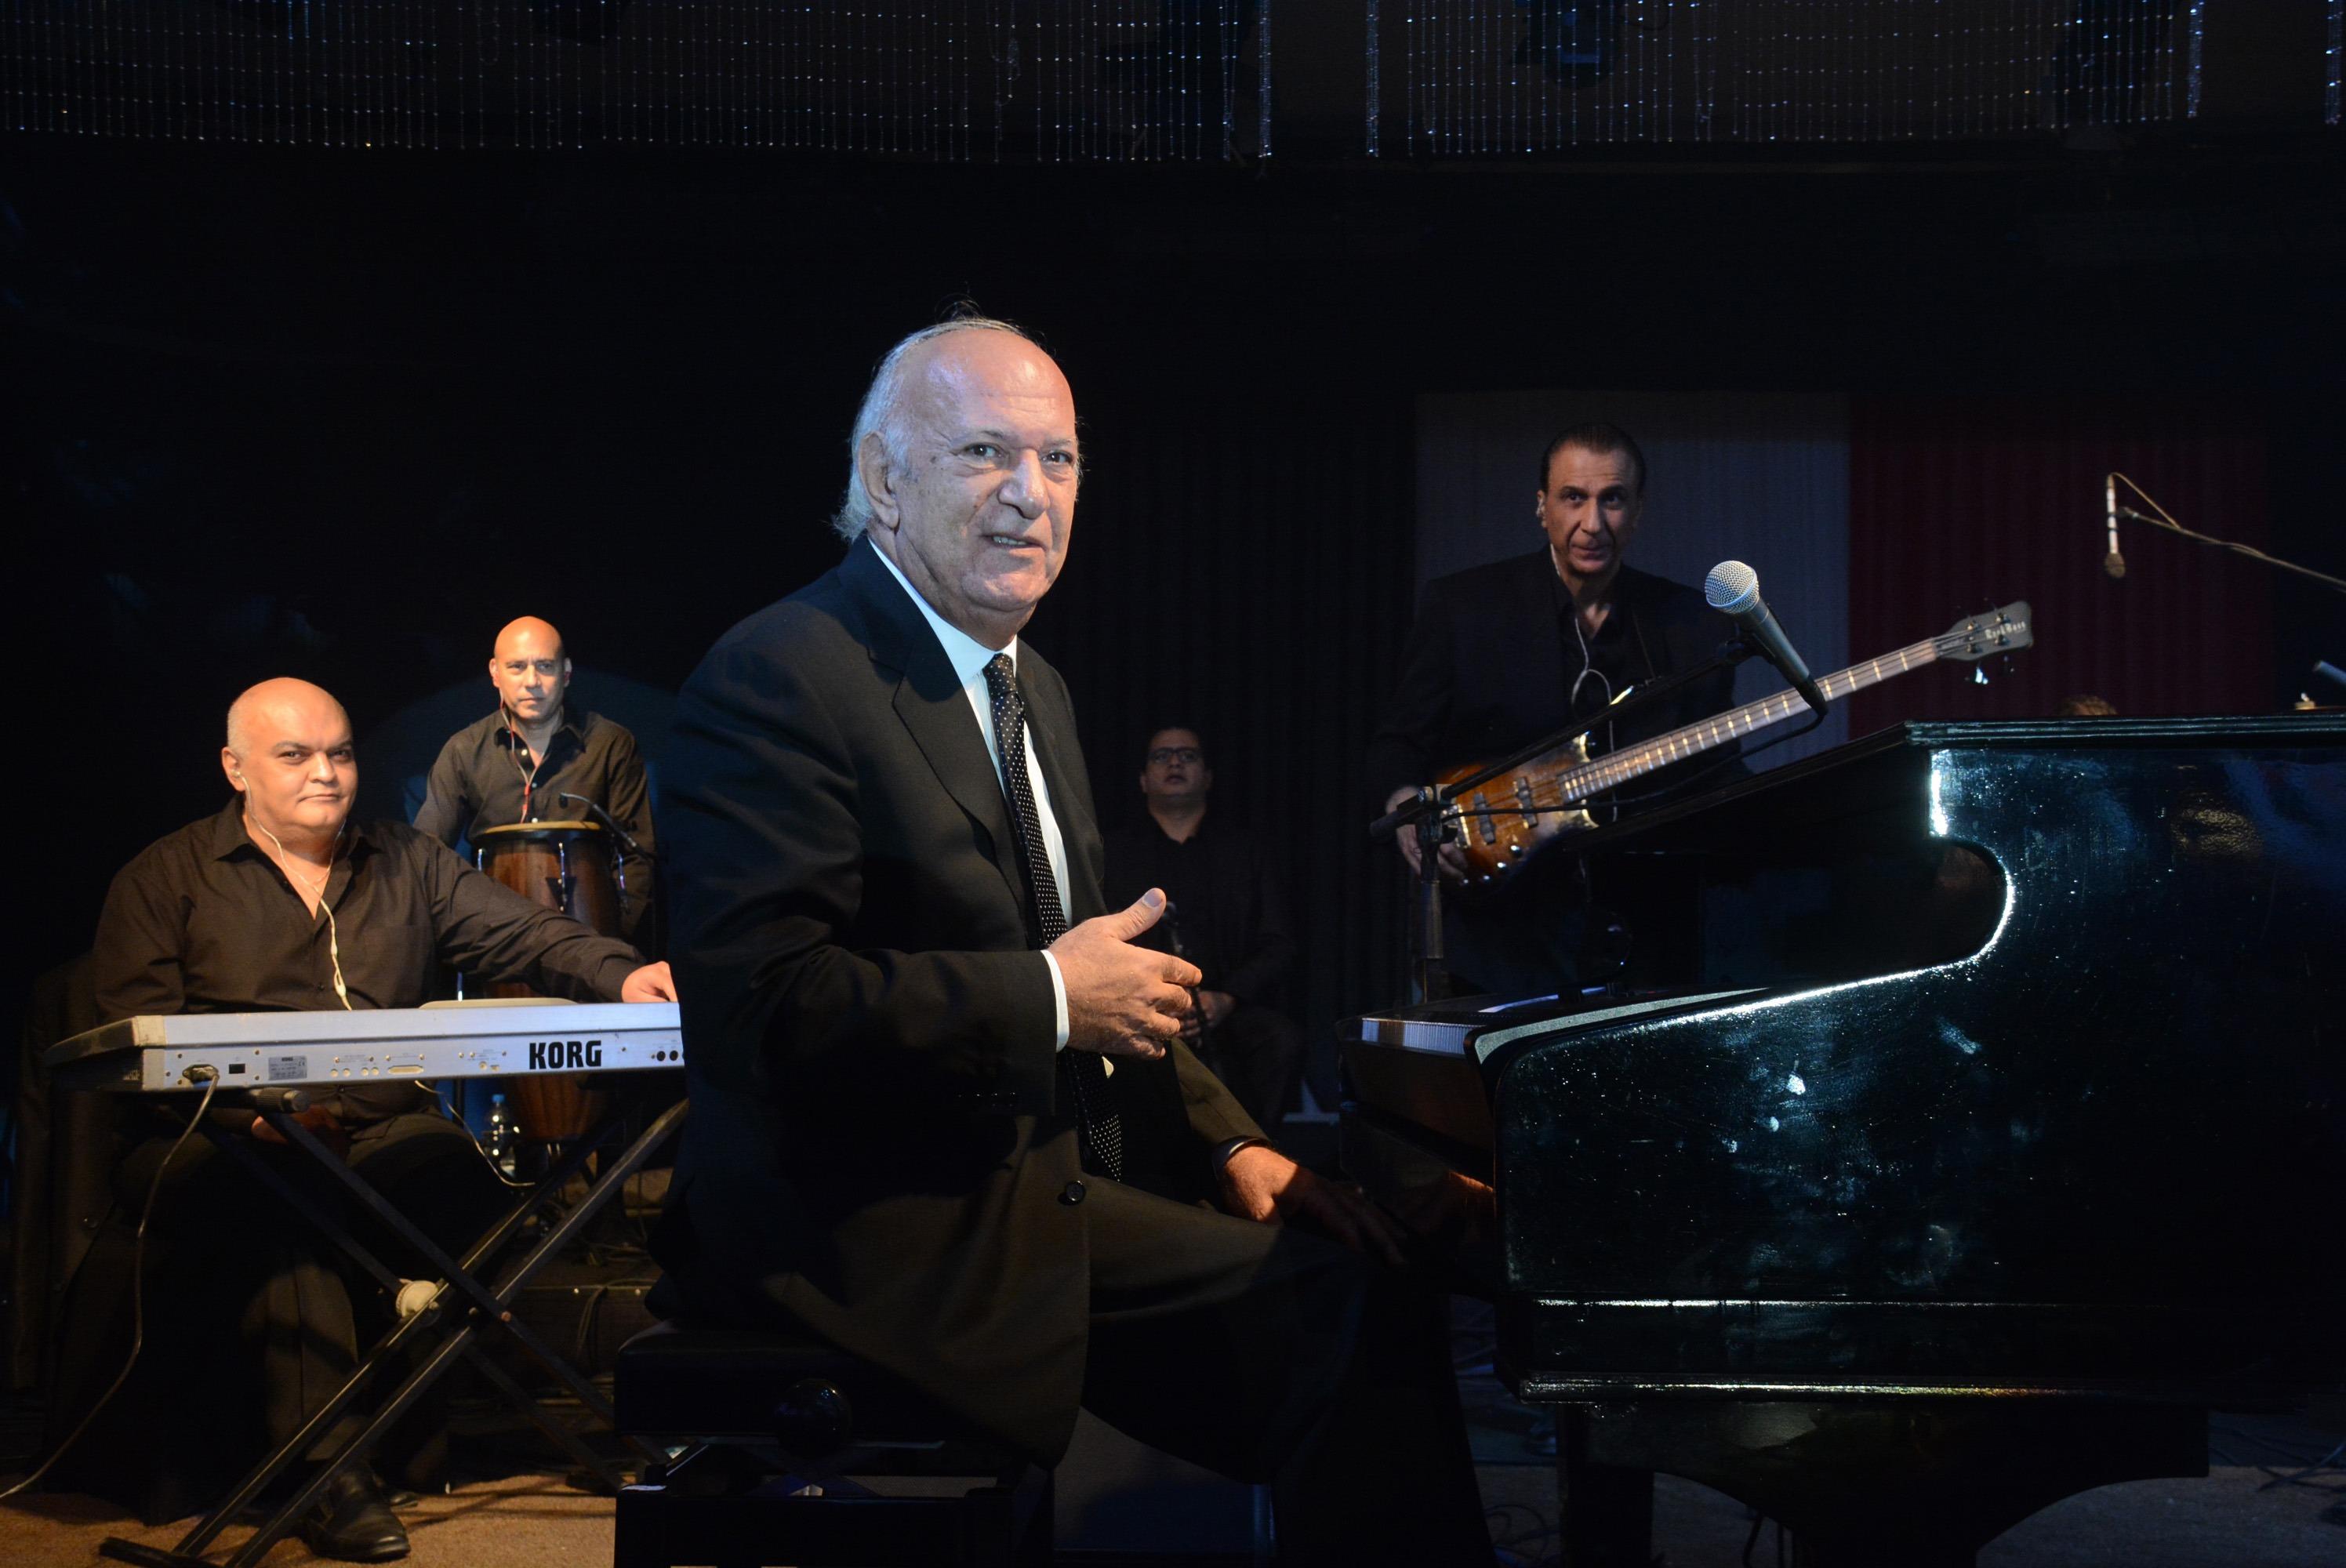 الليلة.. حفل للموسيقار عمر خيرت في جامعة القاهرة